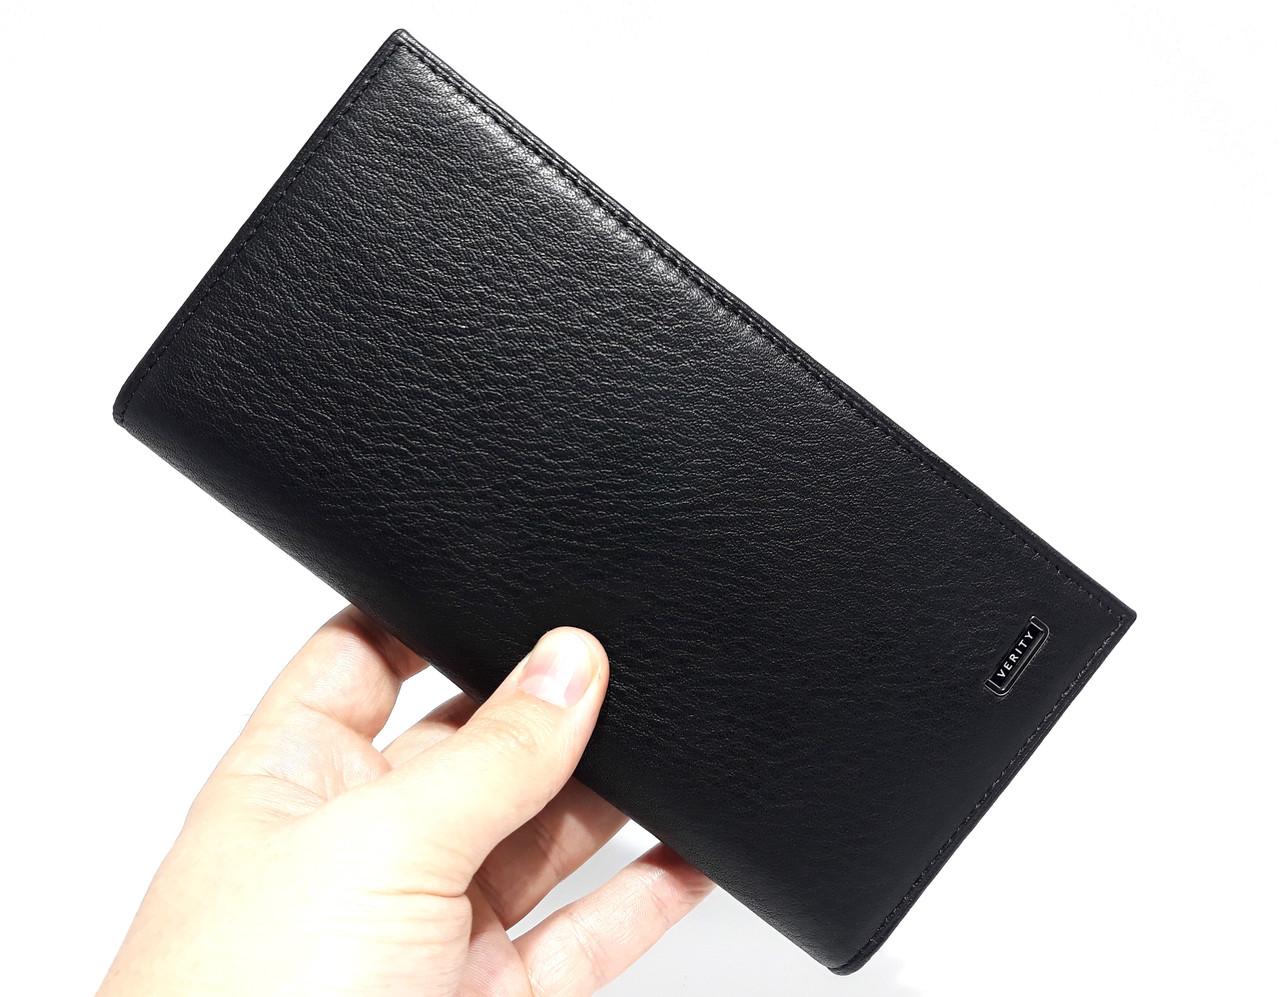 d5e3b64c0a4f Большой кожаный мужской кошелек Verity на магните из натуральной кожи, цена  529 грн., купить в Умани — Prom.ua (ID#875665074)